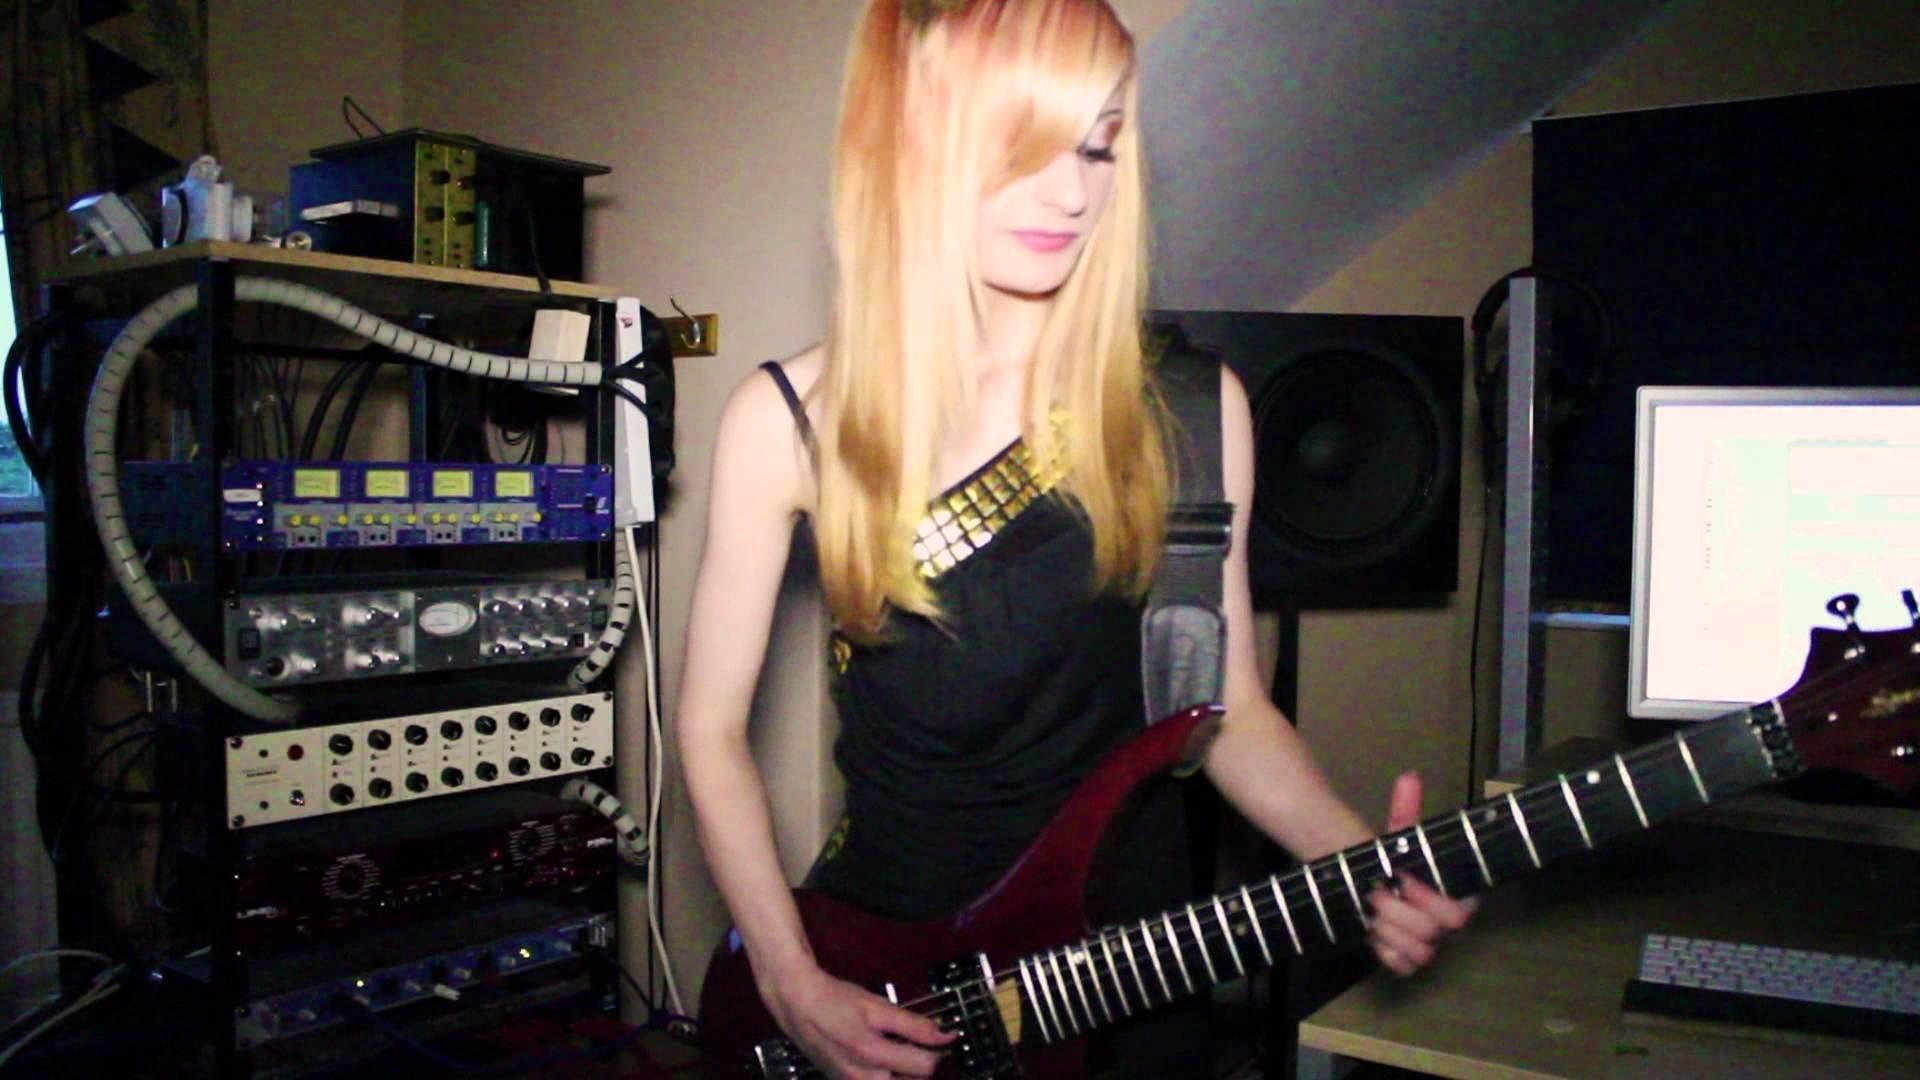 Guitar Wallpaper For Facebook Profile Girl Jjkitten Jacqueline Girl Heavy Metal Guitar Wallpaper